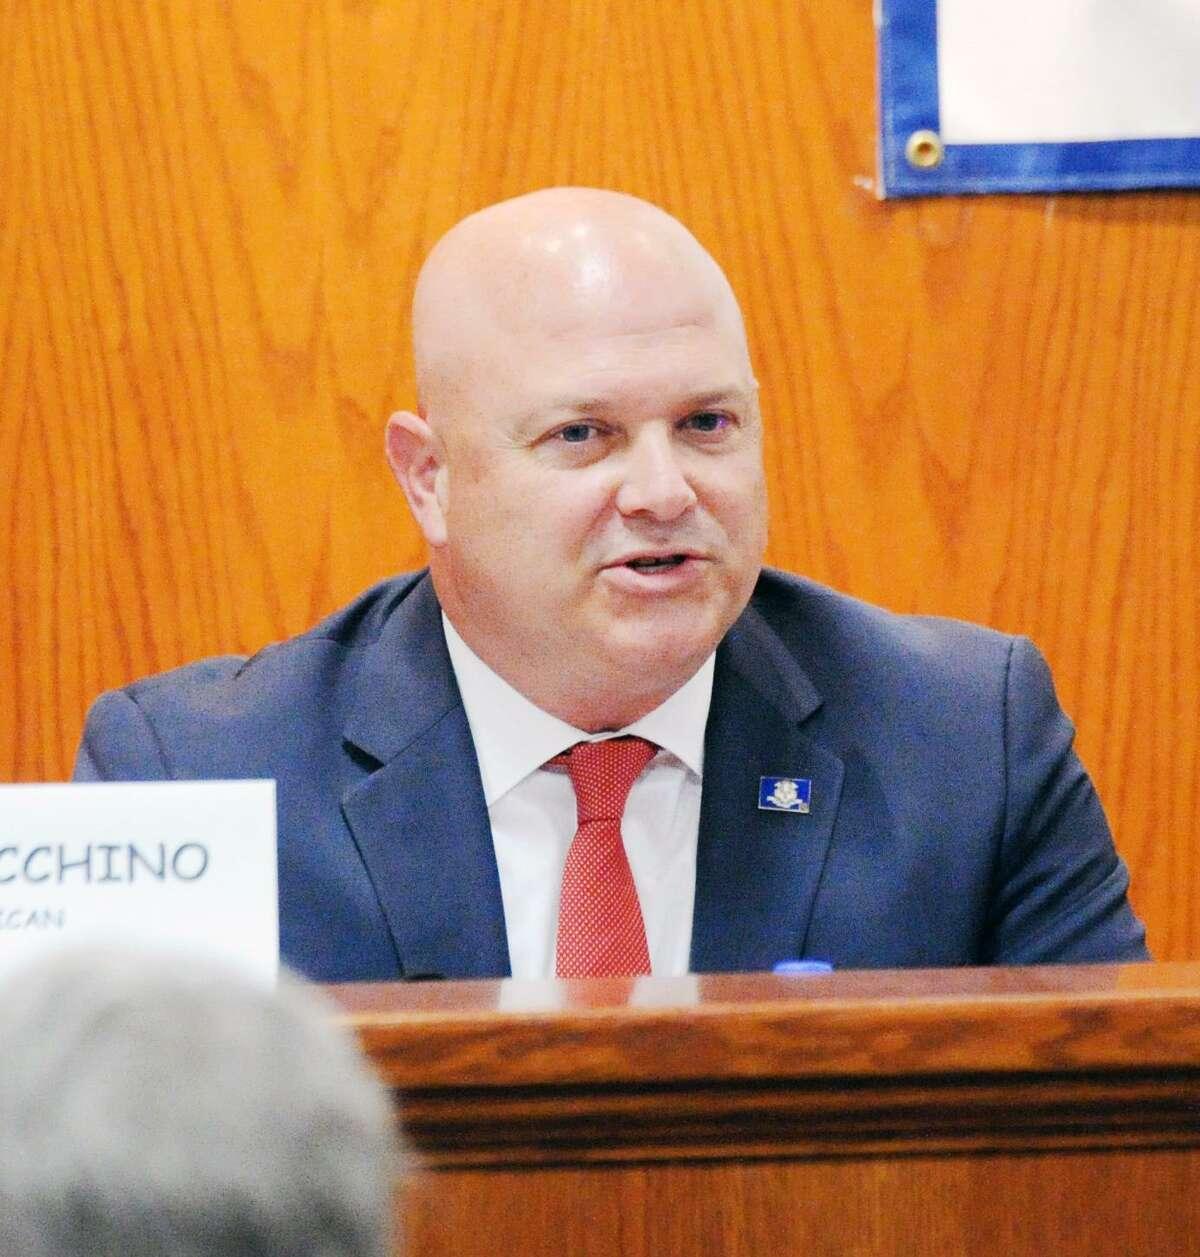 State Rep. Michael Bocchino